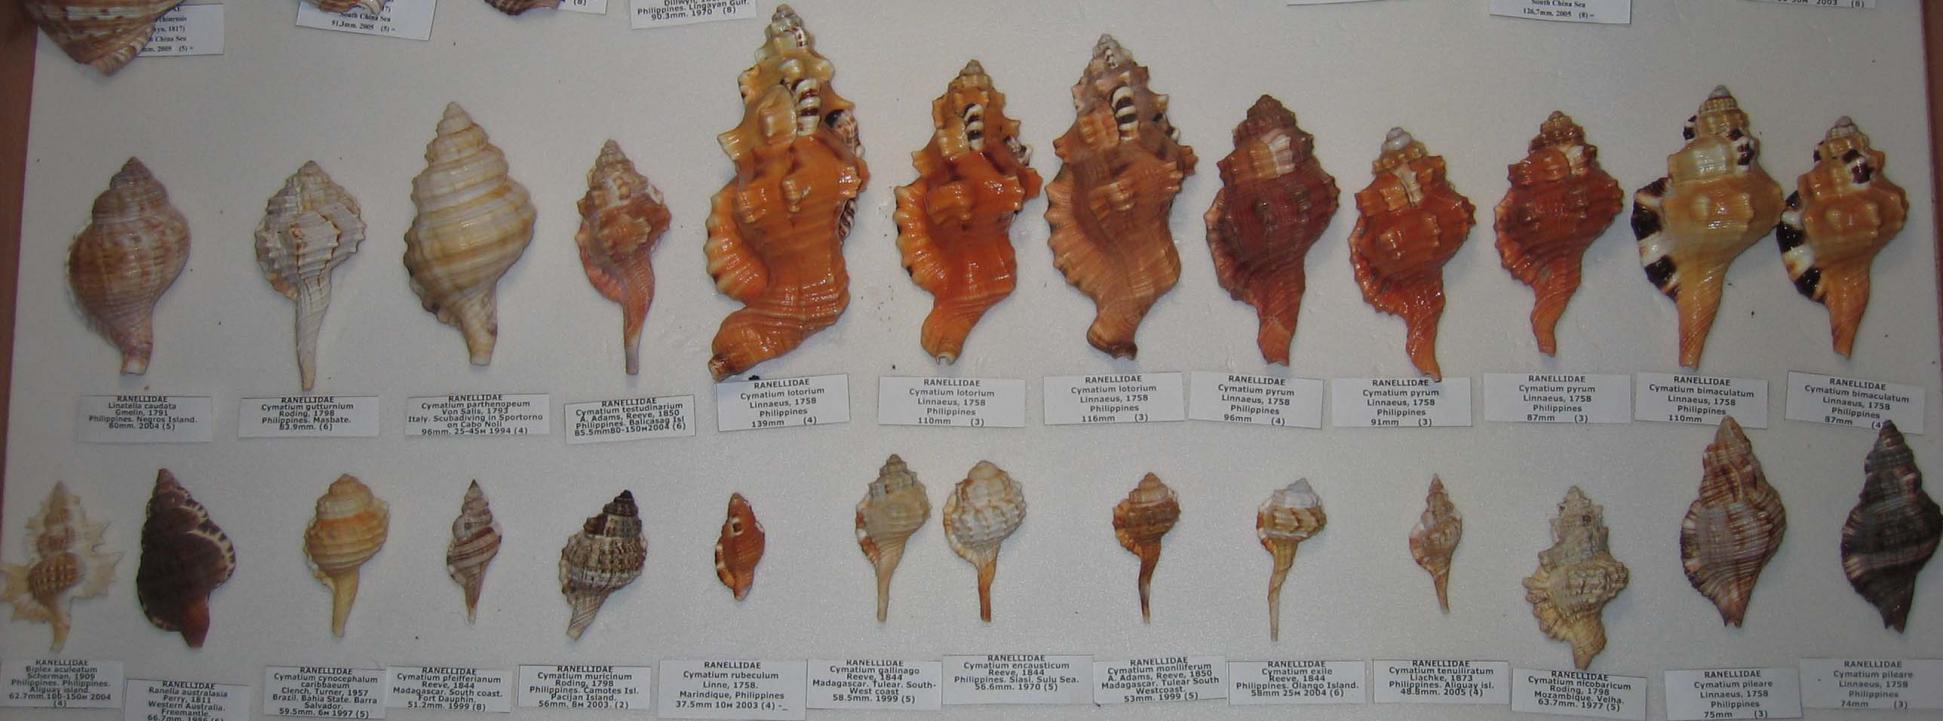 морские раковины фото и названия